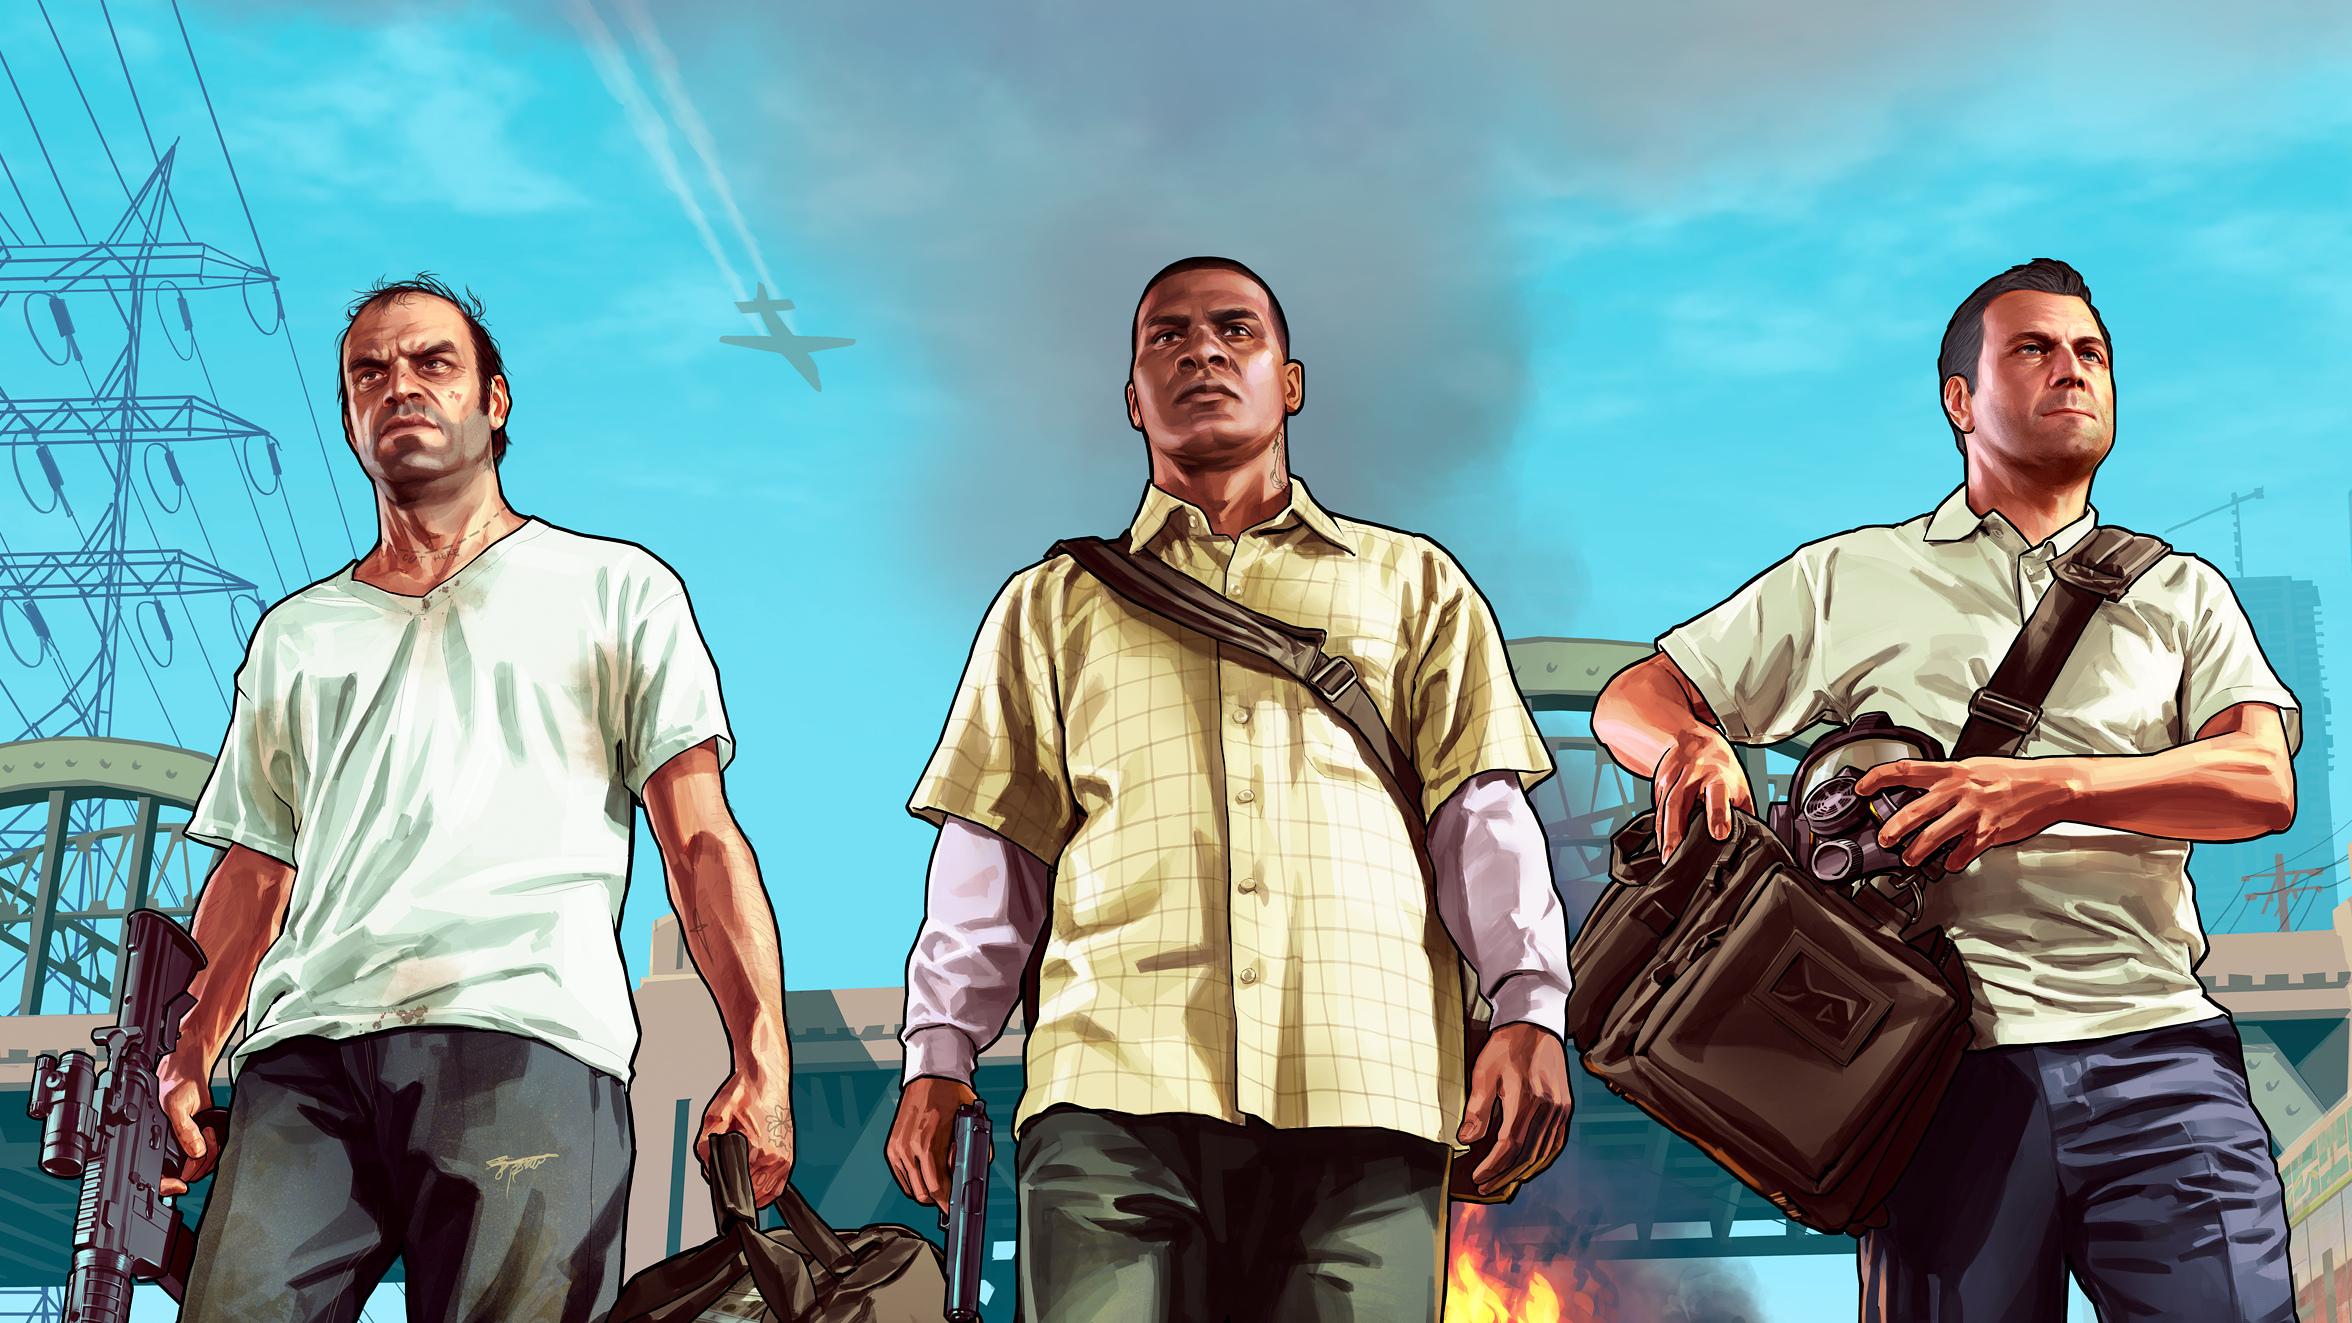 Grand Theft auto 5 V Análisis Review español (22)